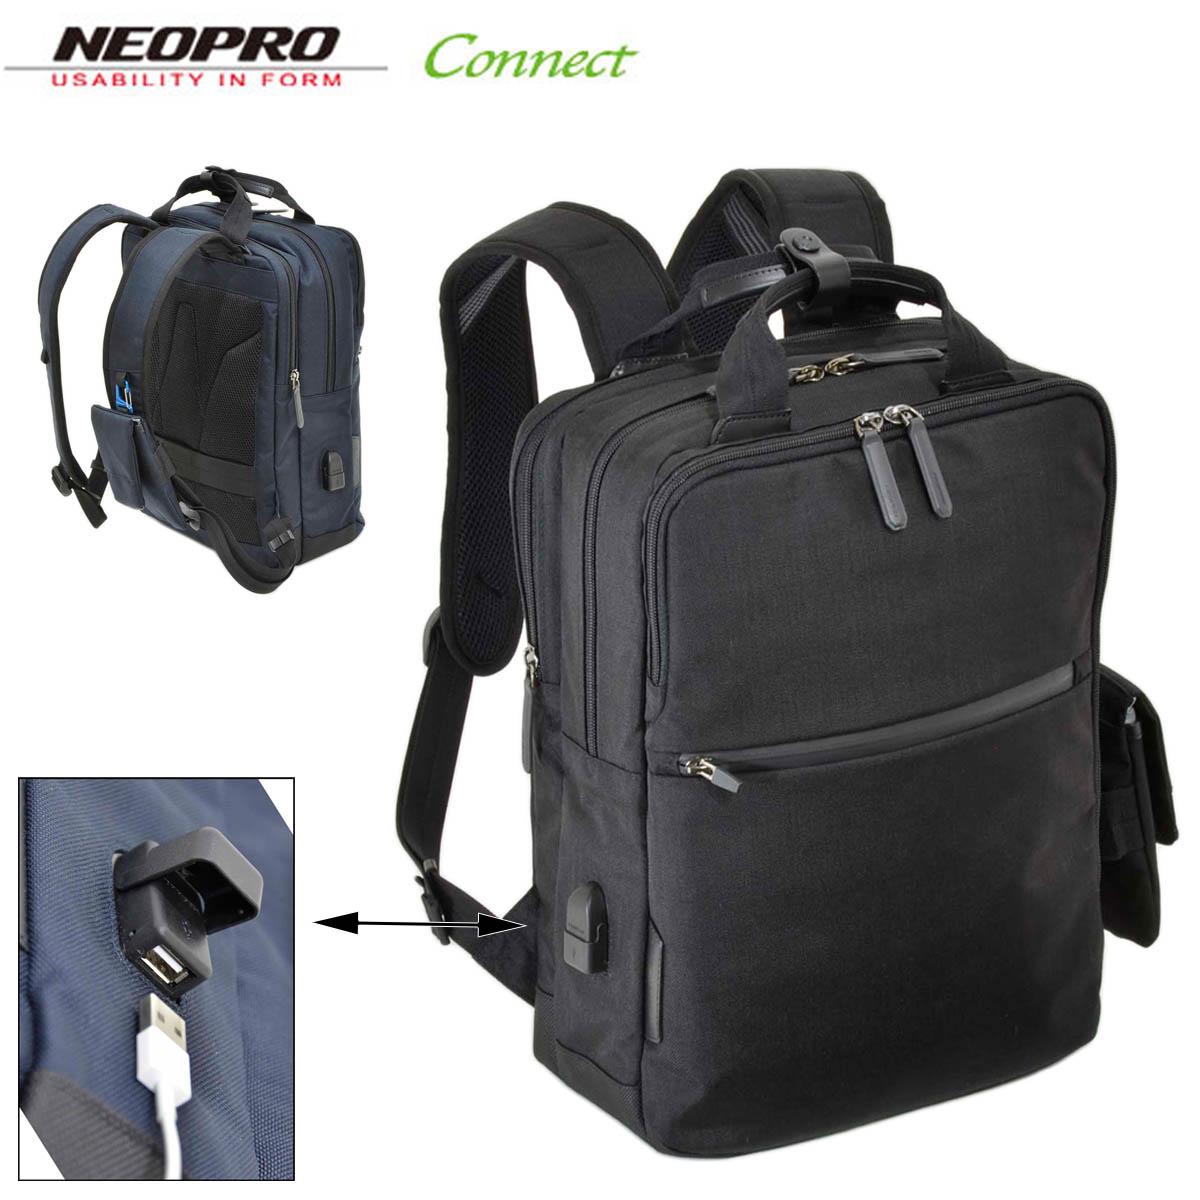 ビジネスバッグ NEOPRO ネオプロ No:2-770 ビジネス リュック デイバッグ USBポート バッテリーポケット ノートPC 対応 メンズ レディース A4 通勤 通学 軽量 多機能